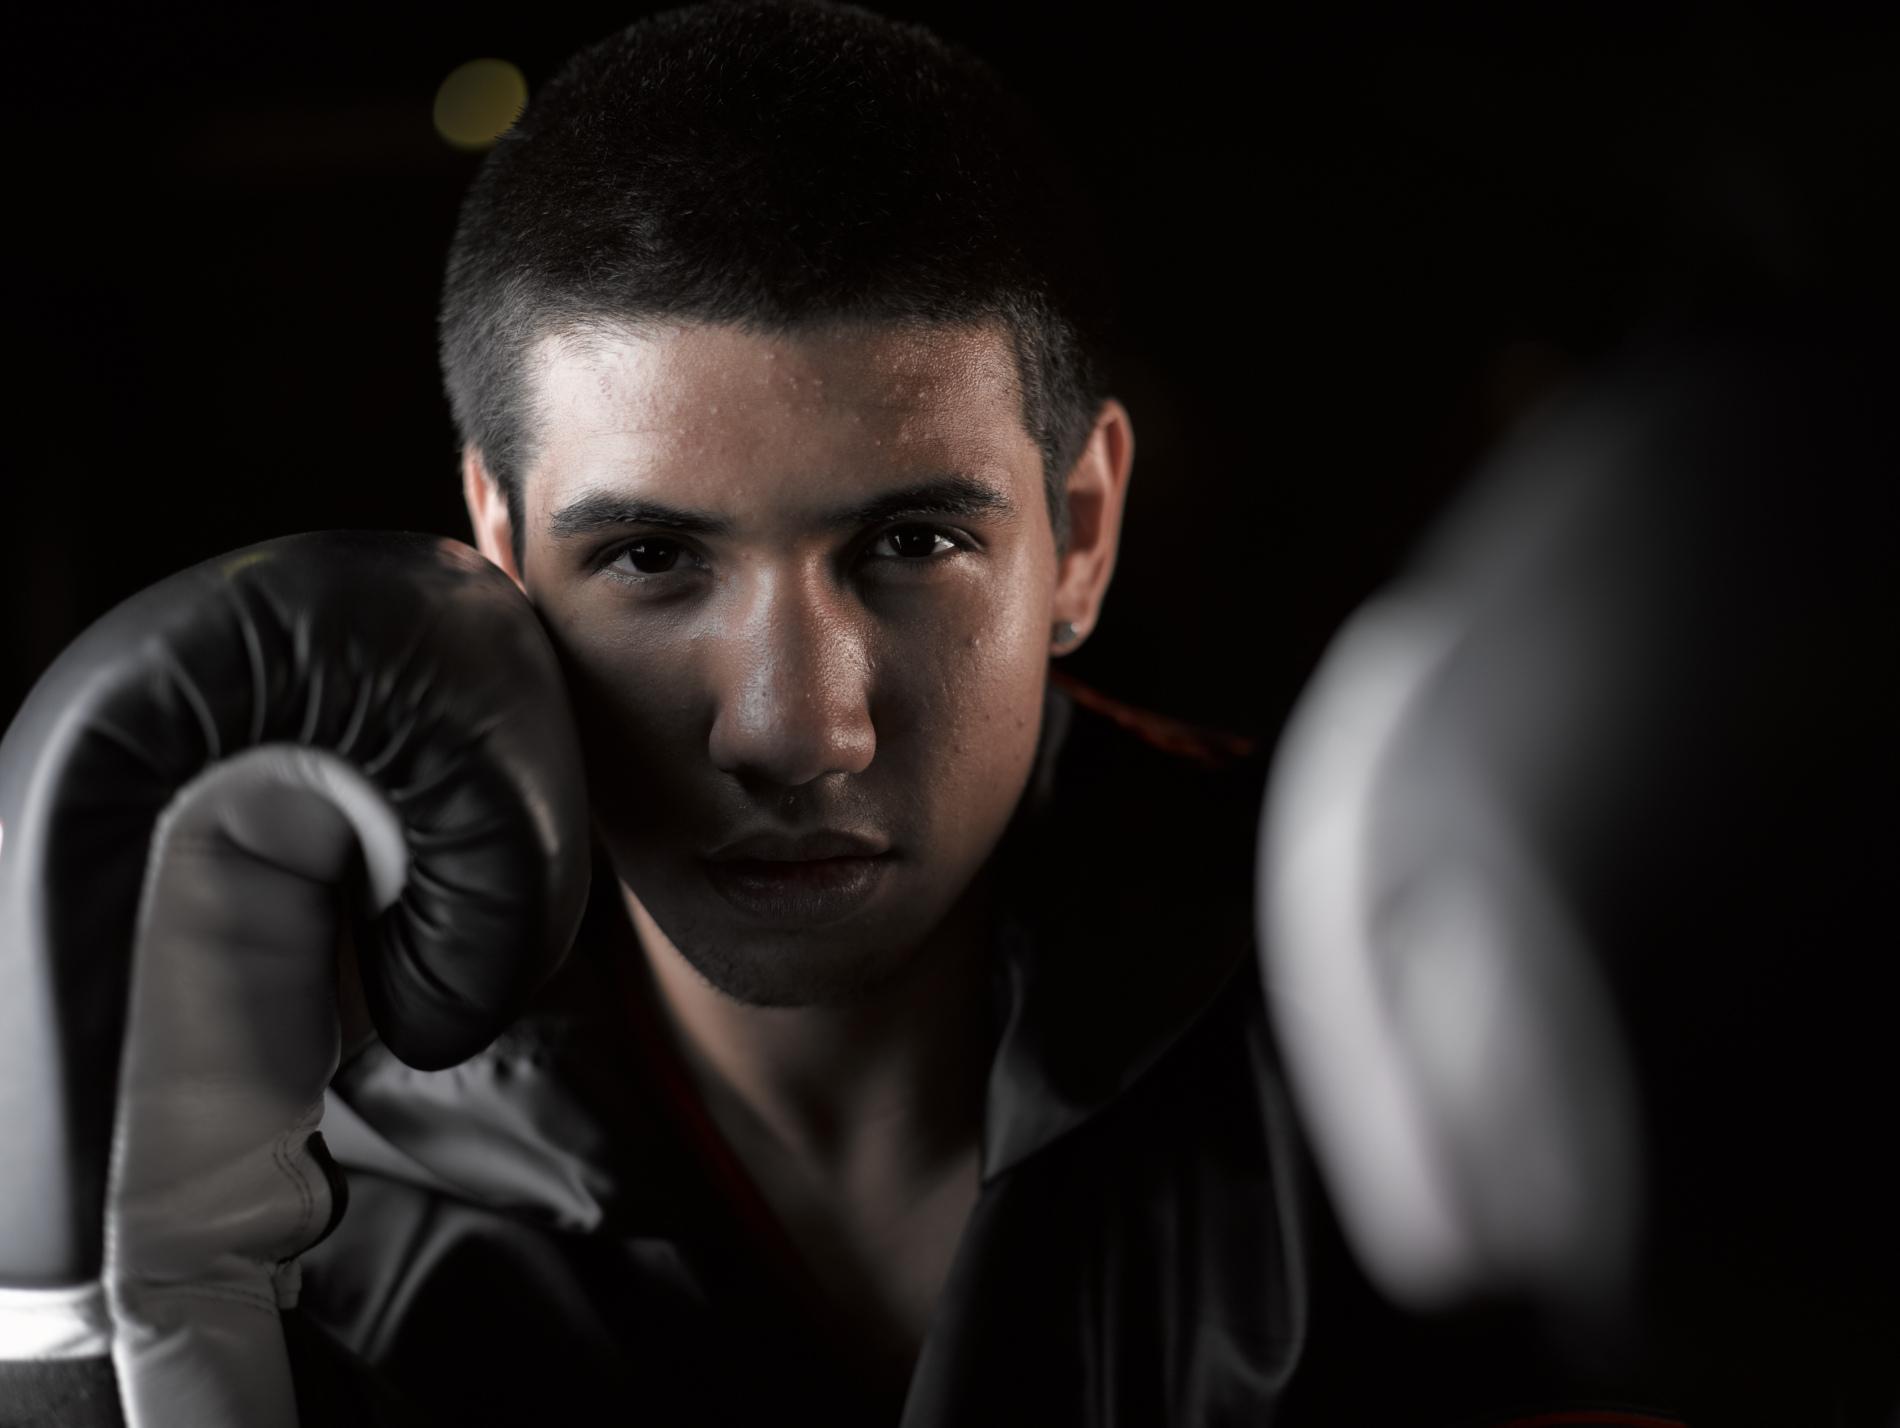 Commercial_Portrait_Photography_Boxer_012